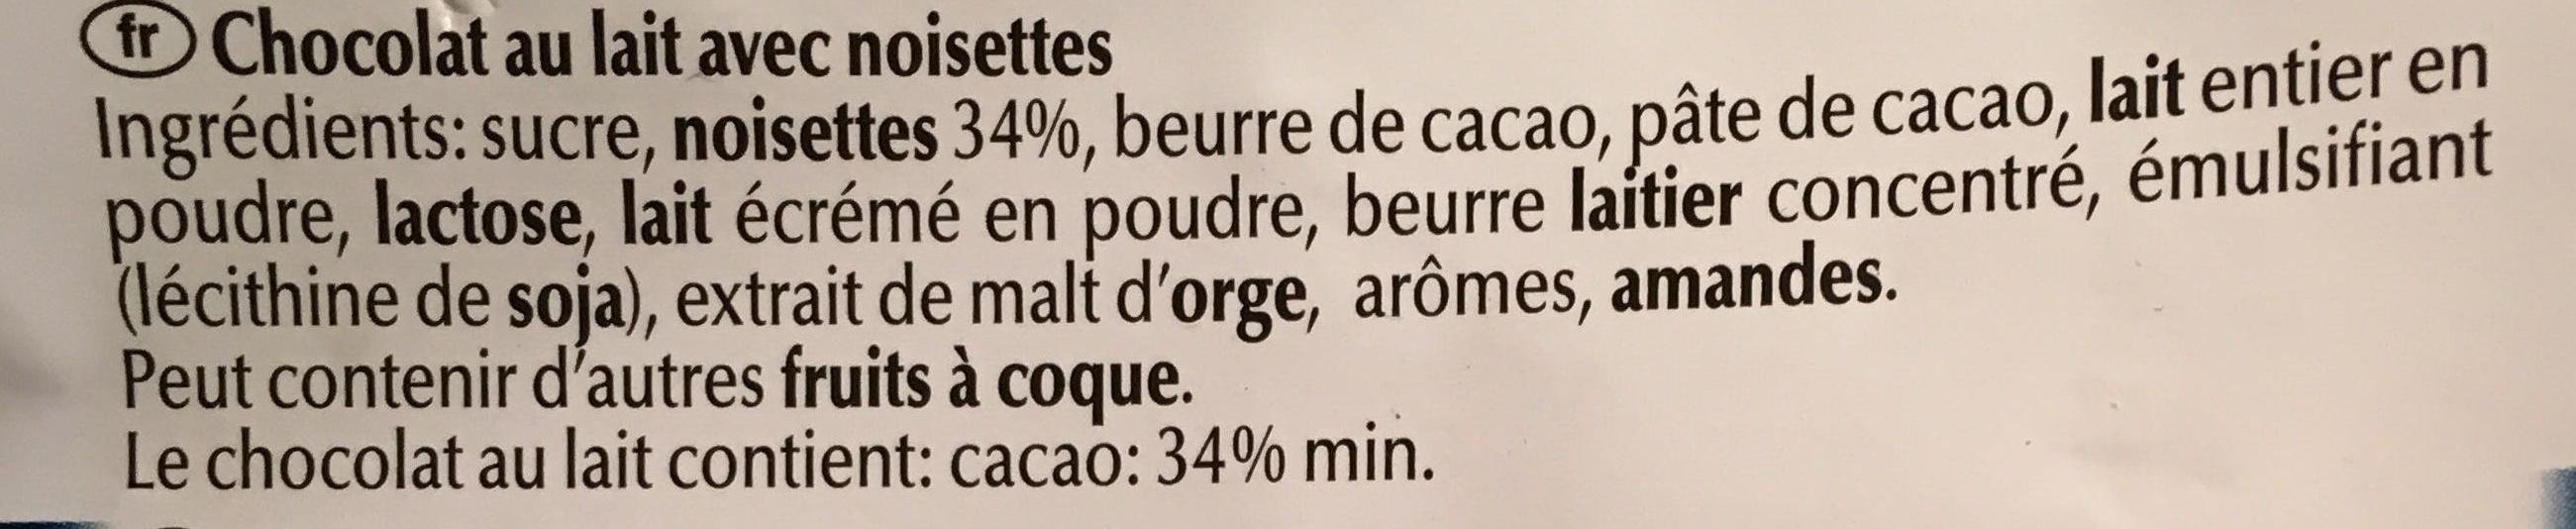 Les grandes - Chocolat au lait avec noisettes - Ingredienti - fr